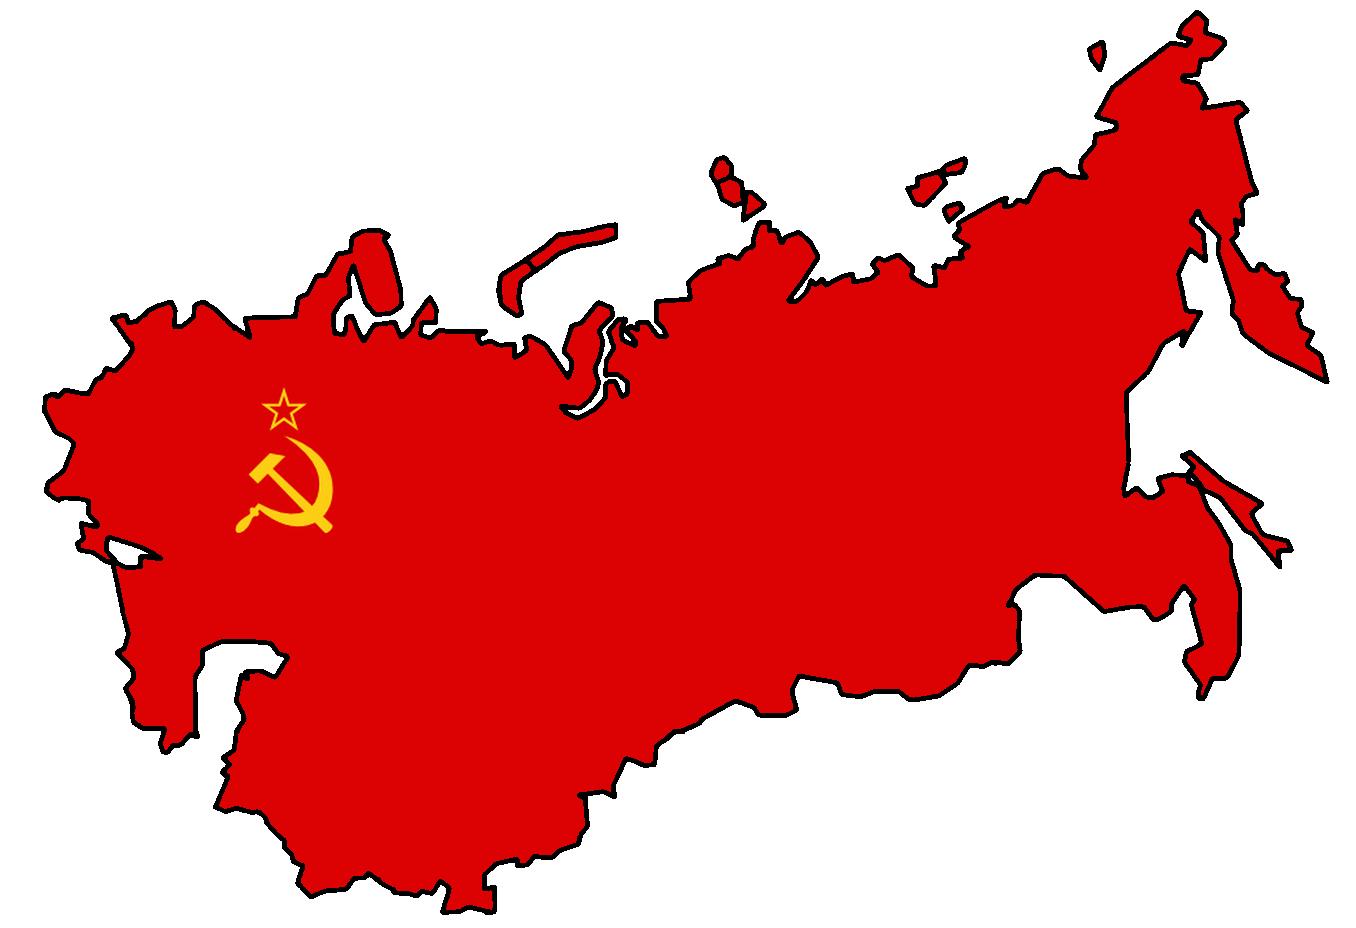 Desintegracion de la union sovietica yahoo dating 10